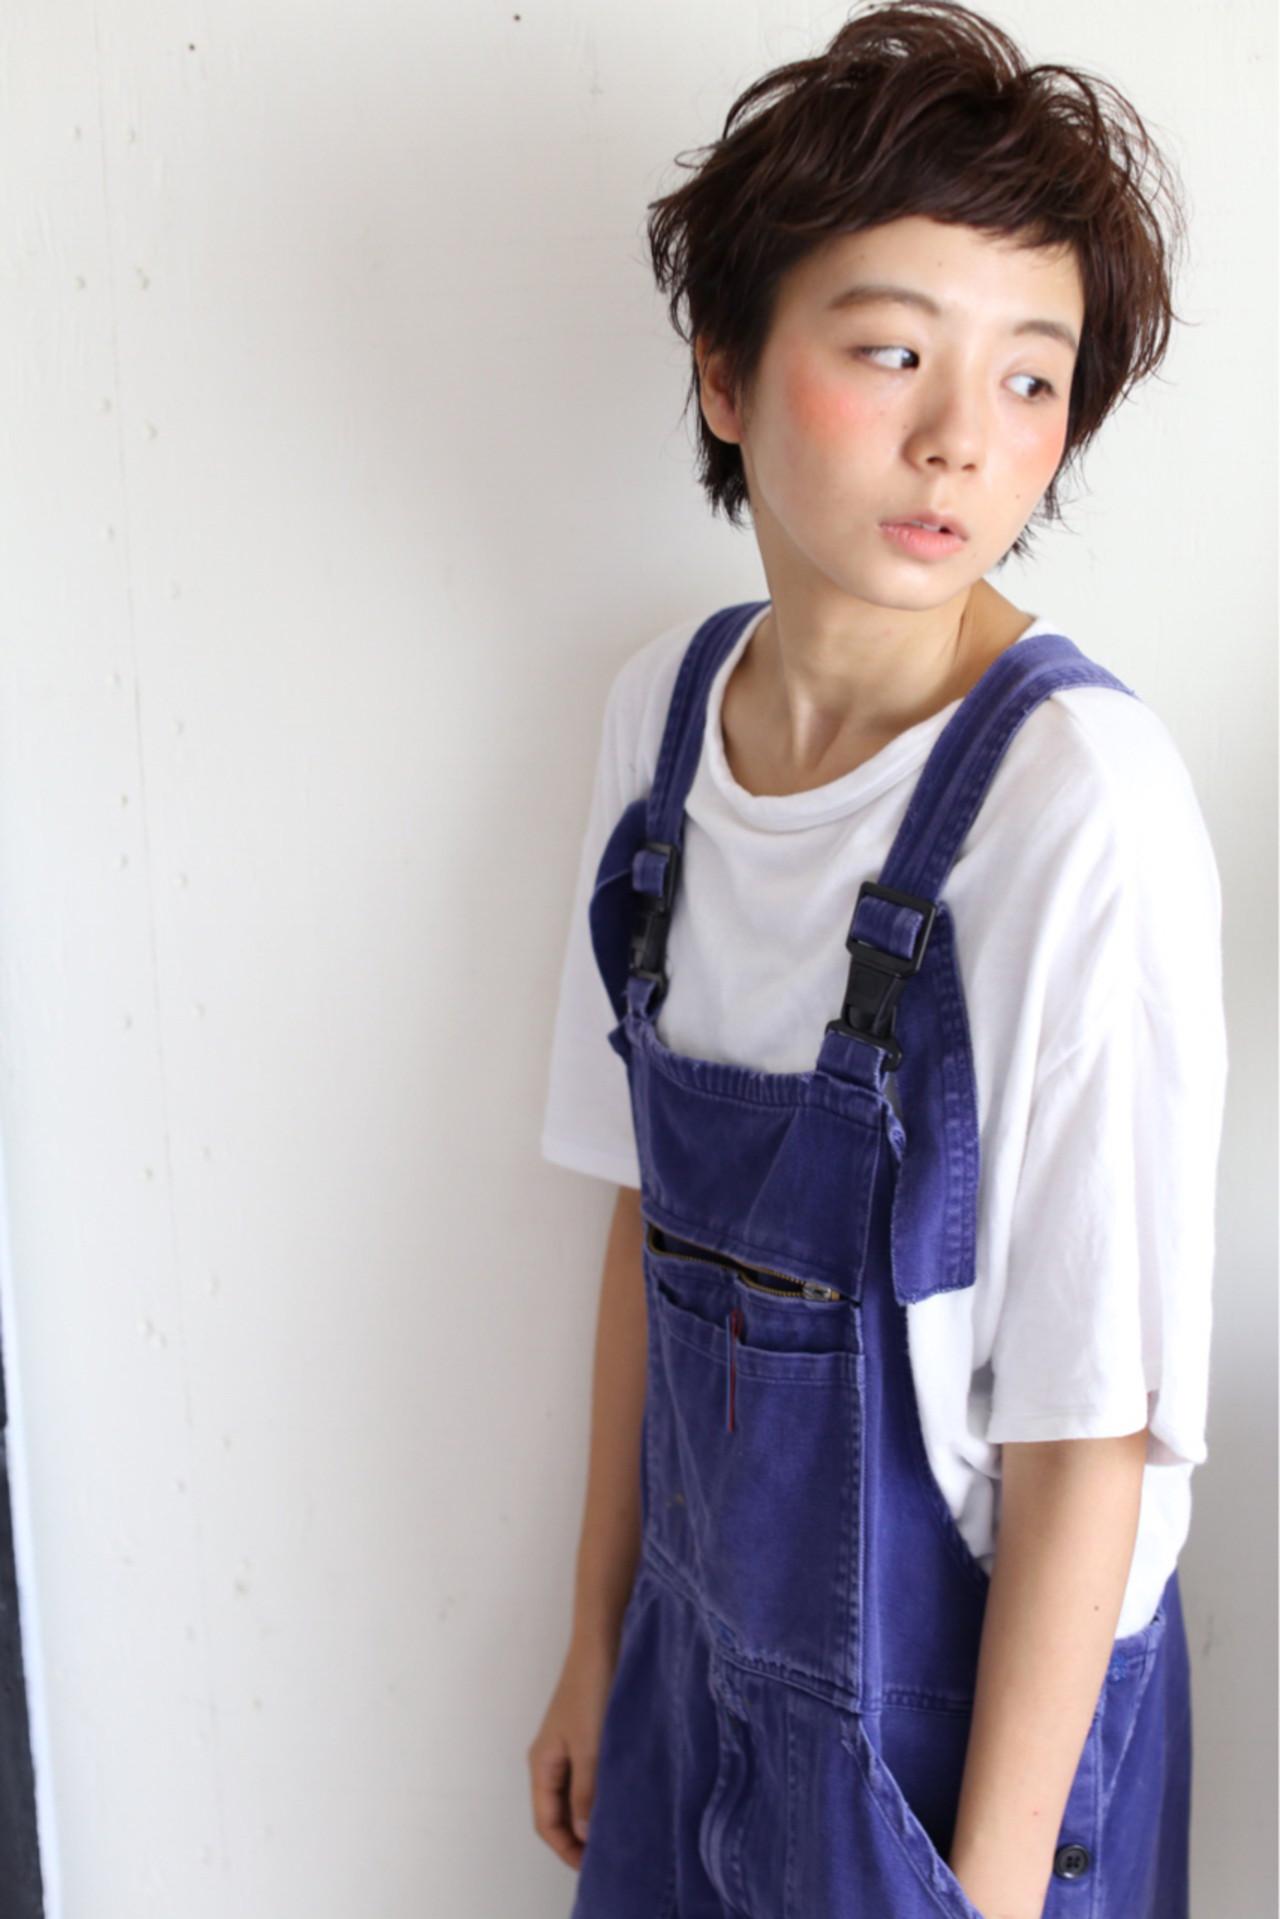 ジェンダーレス女子は中性的な髪型が決め手♡テイスト別にスタイル紹介! 黒田 卓磨/musashi